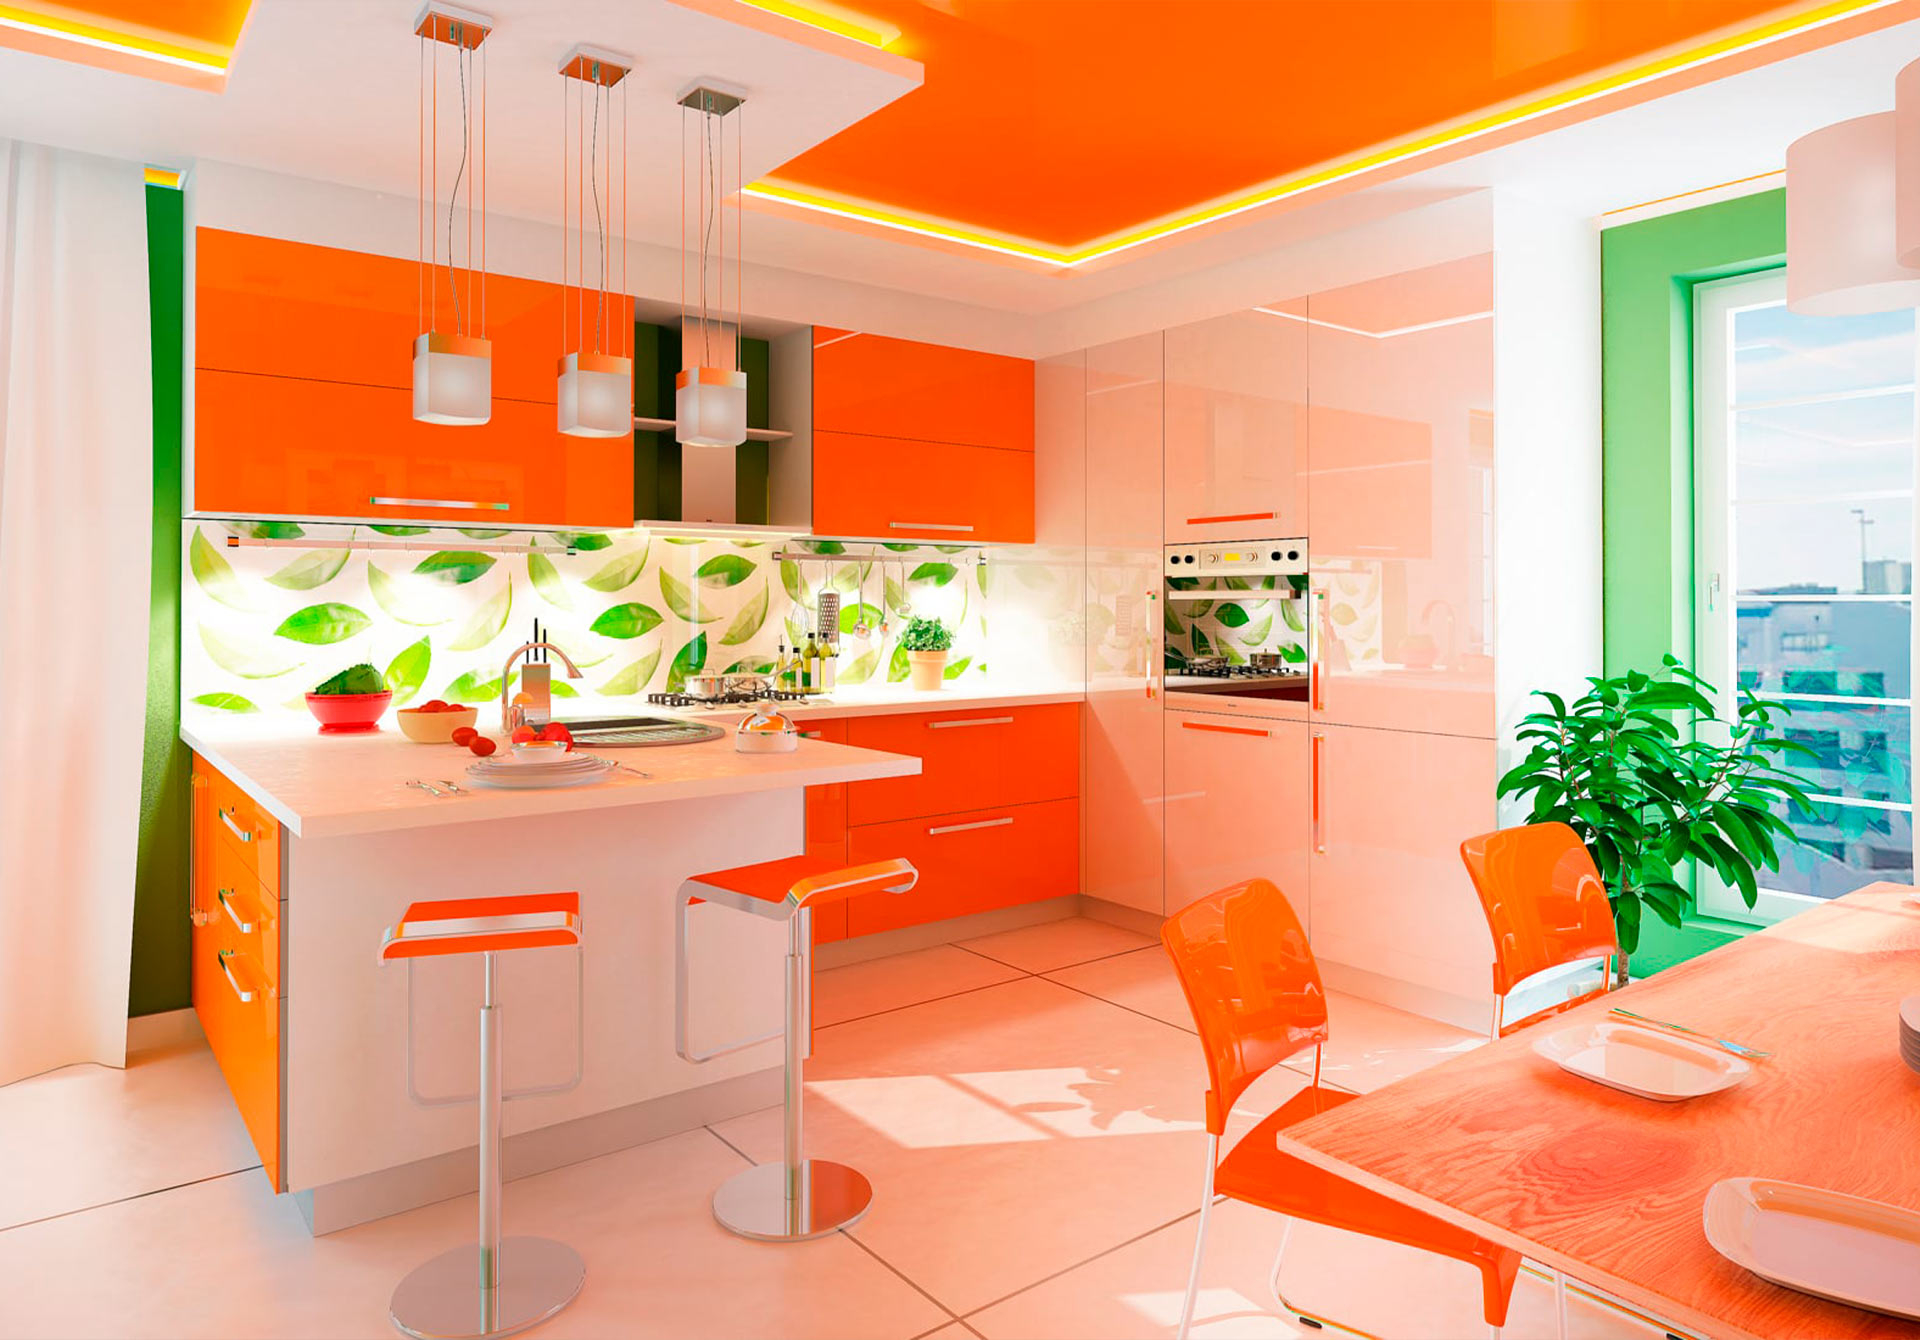 обои апельсины для кухни них, кстати, можно